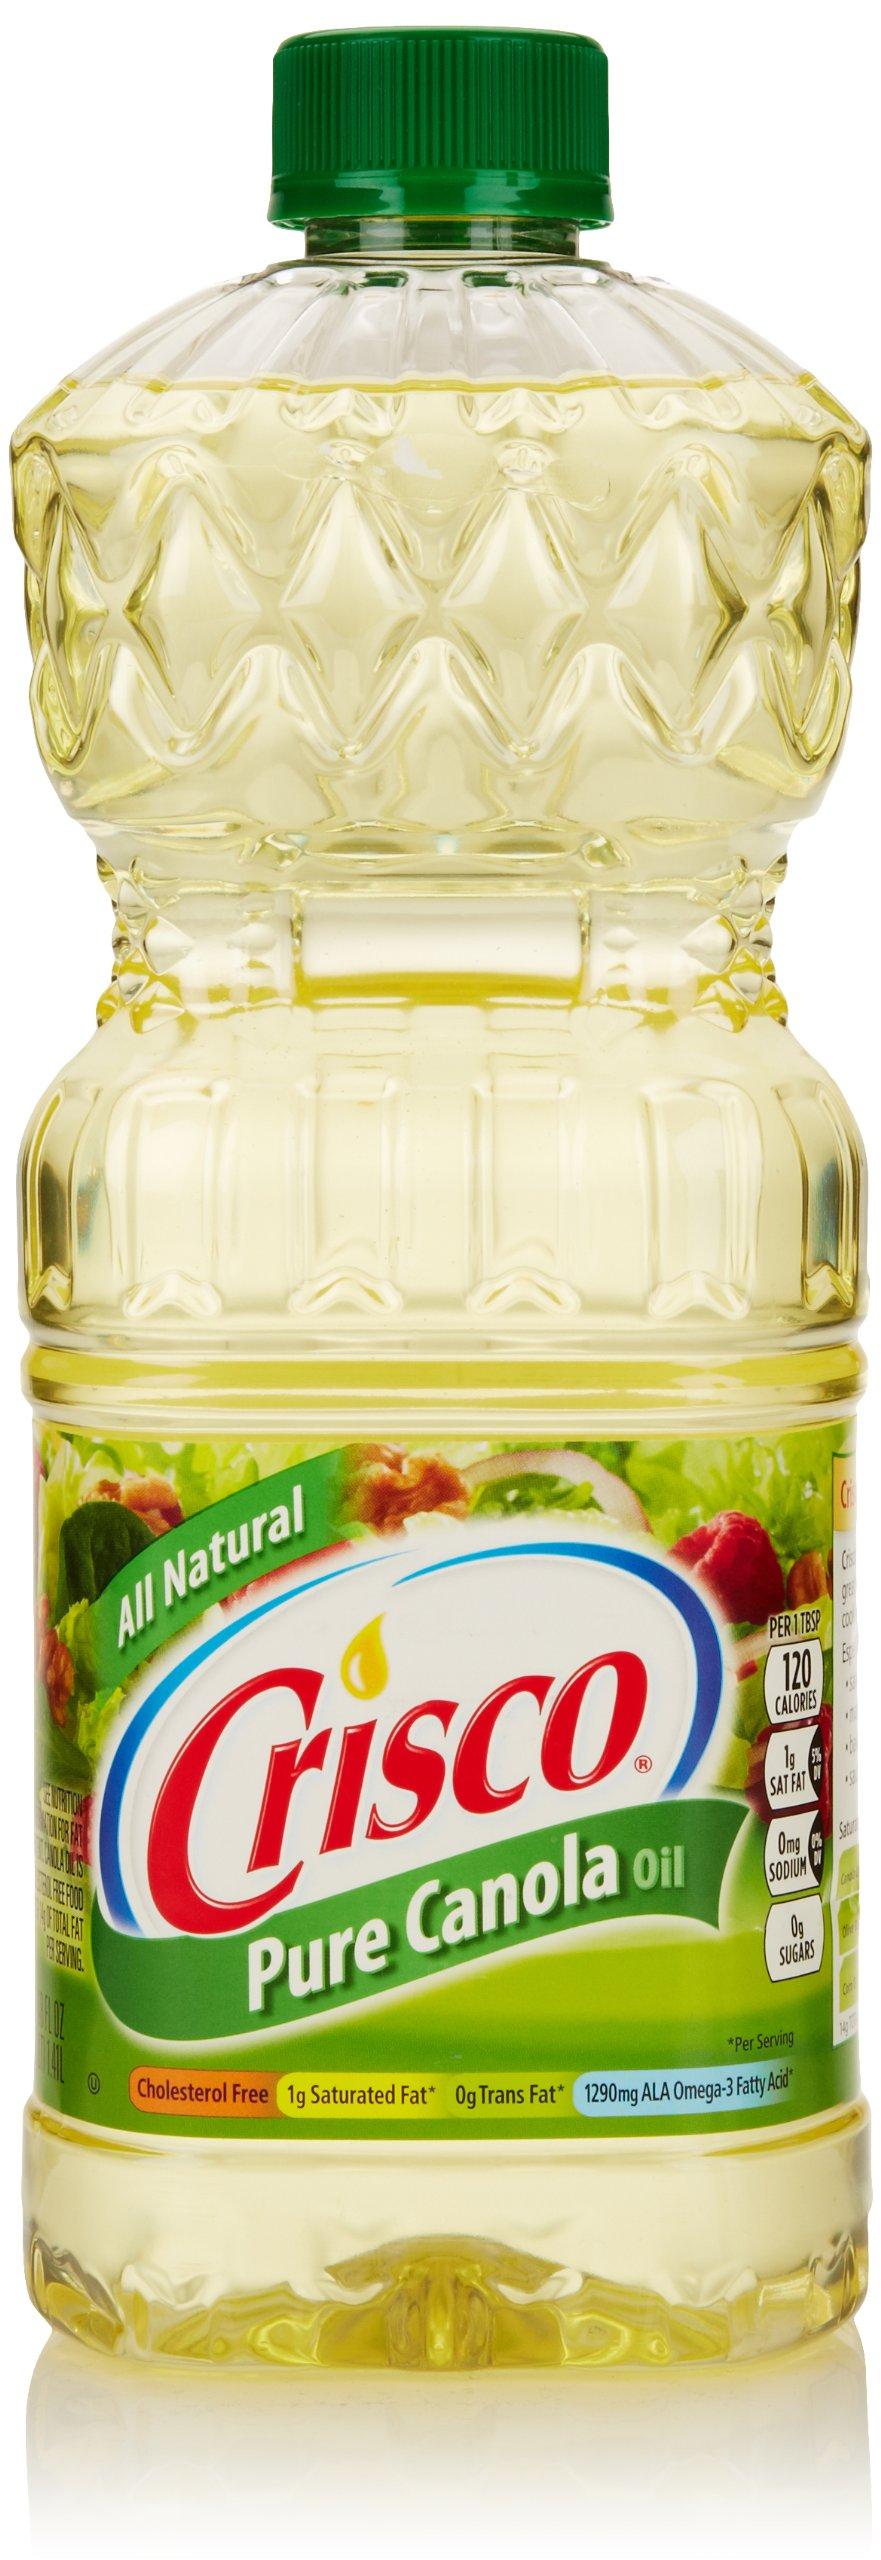 Crisco Pure Canola Oil, 48 Fl Oz